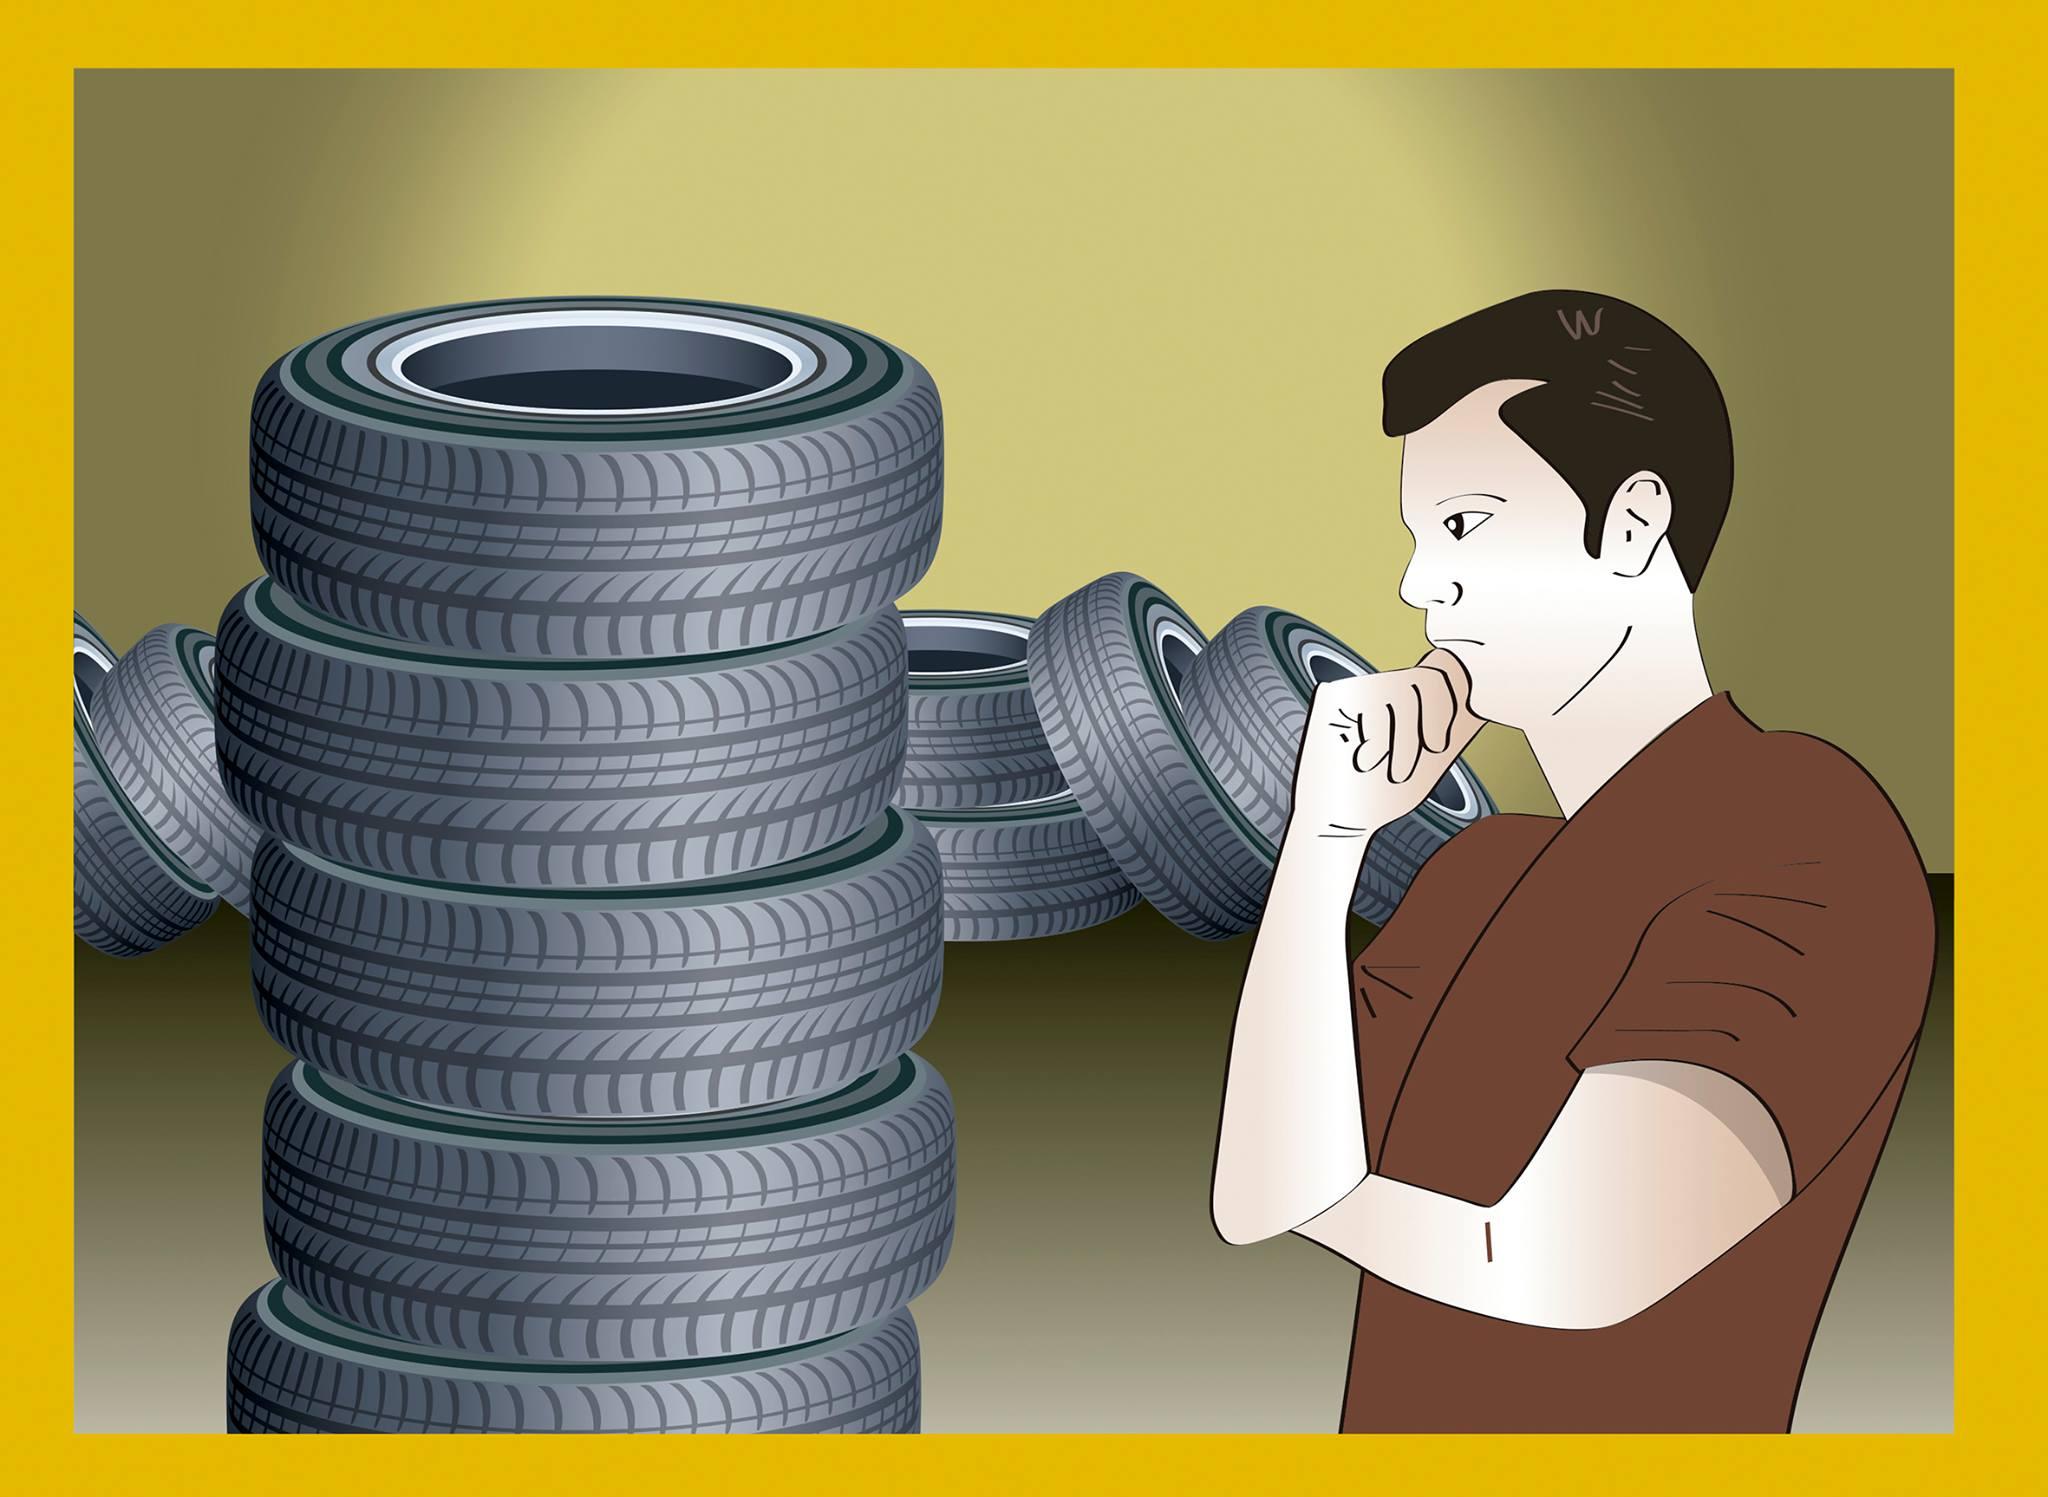 ilustra pneu recauchutado